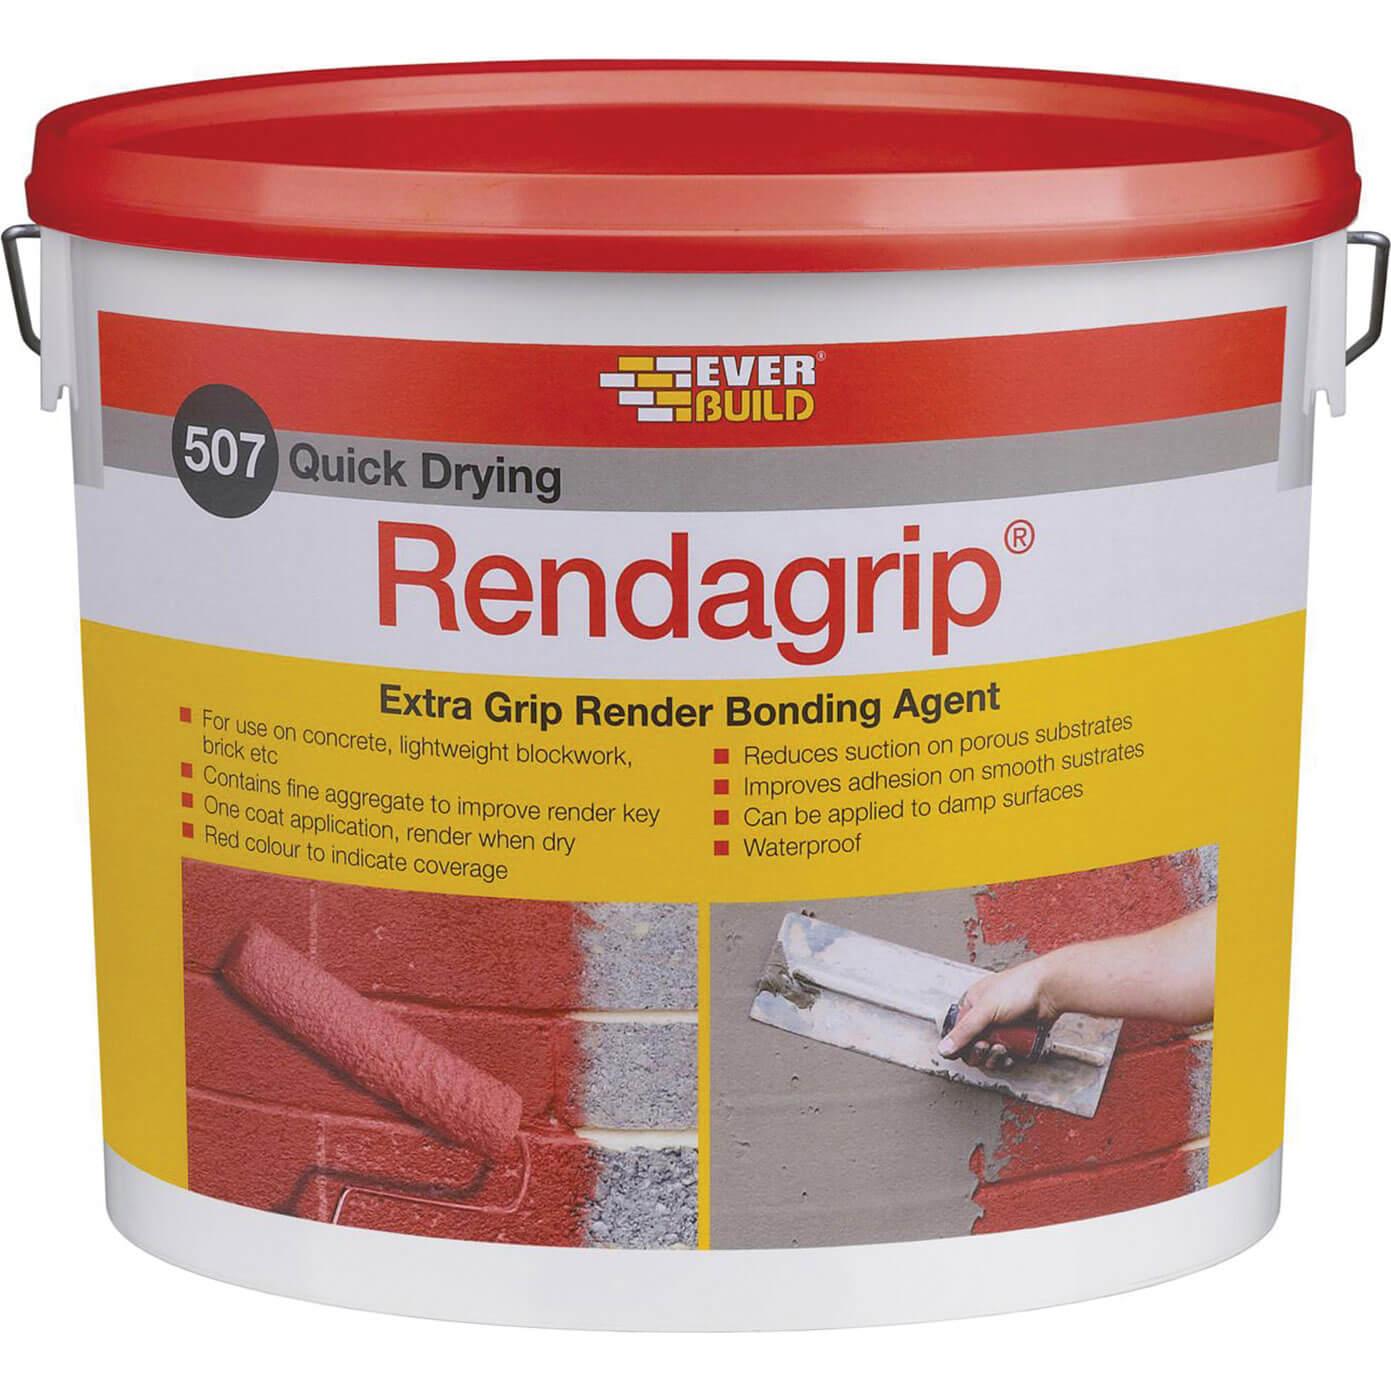 Everbuild 507 Rendagrip Bonding Agent 10L